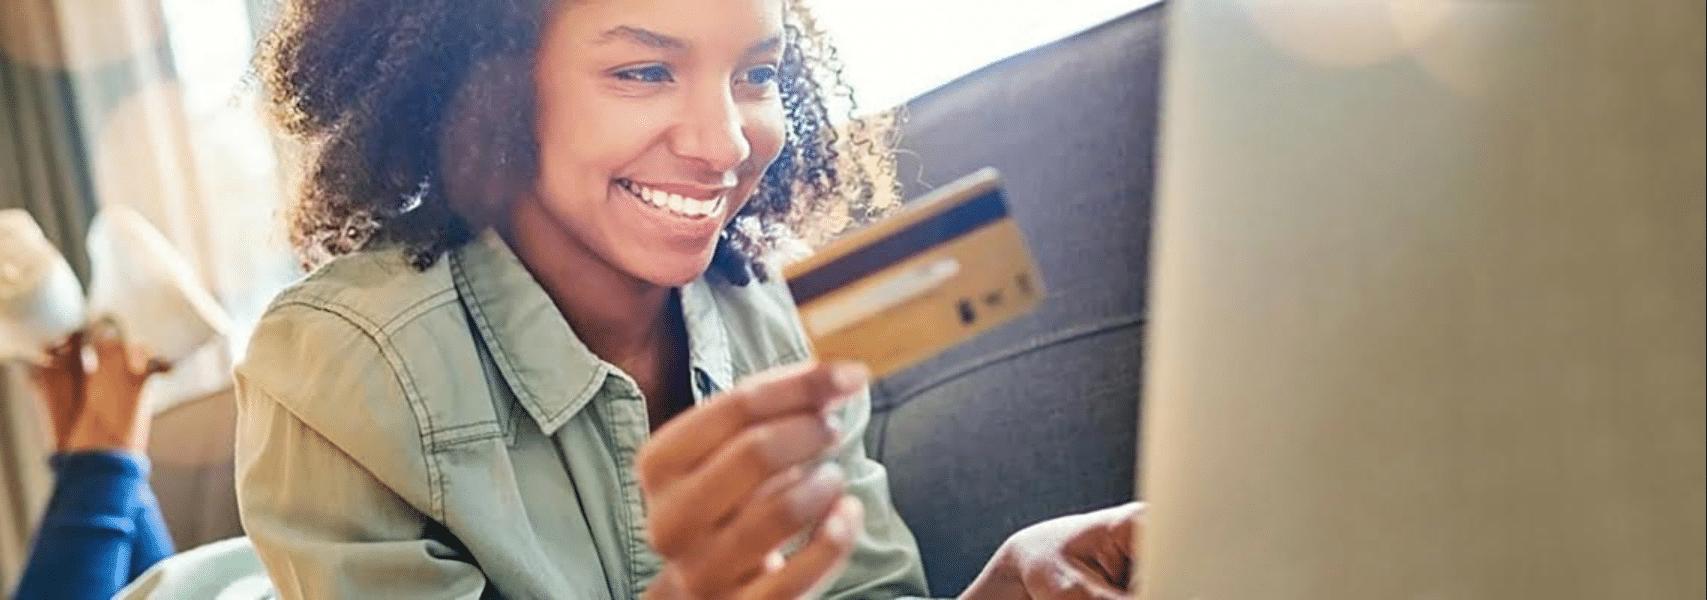 mulher deitada em sofá segurando um cartão de crédito